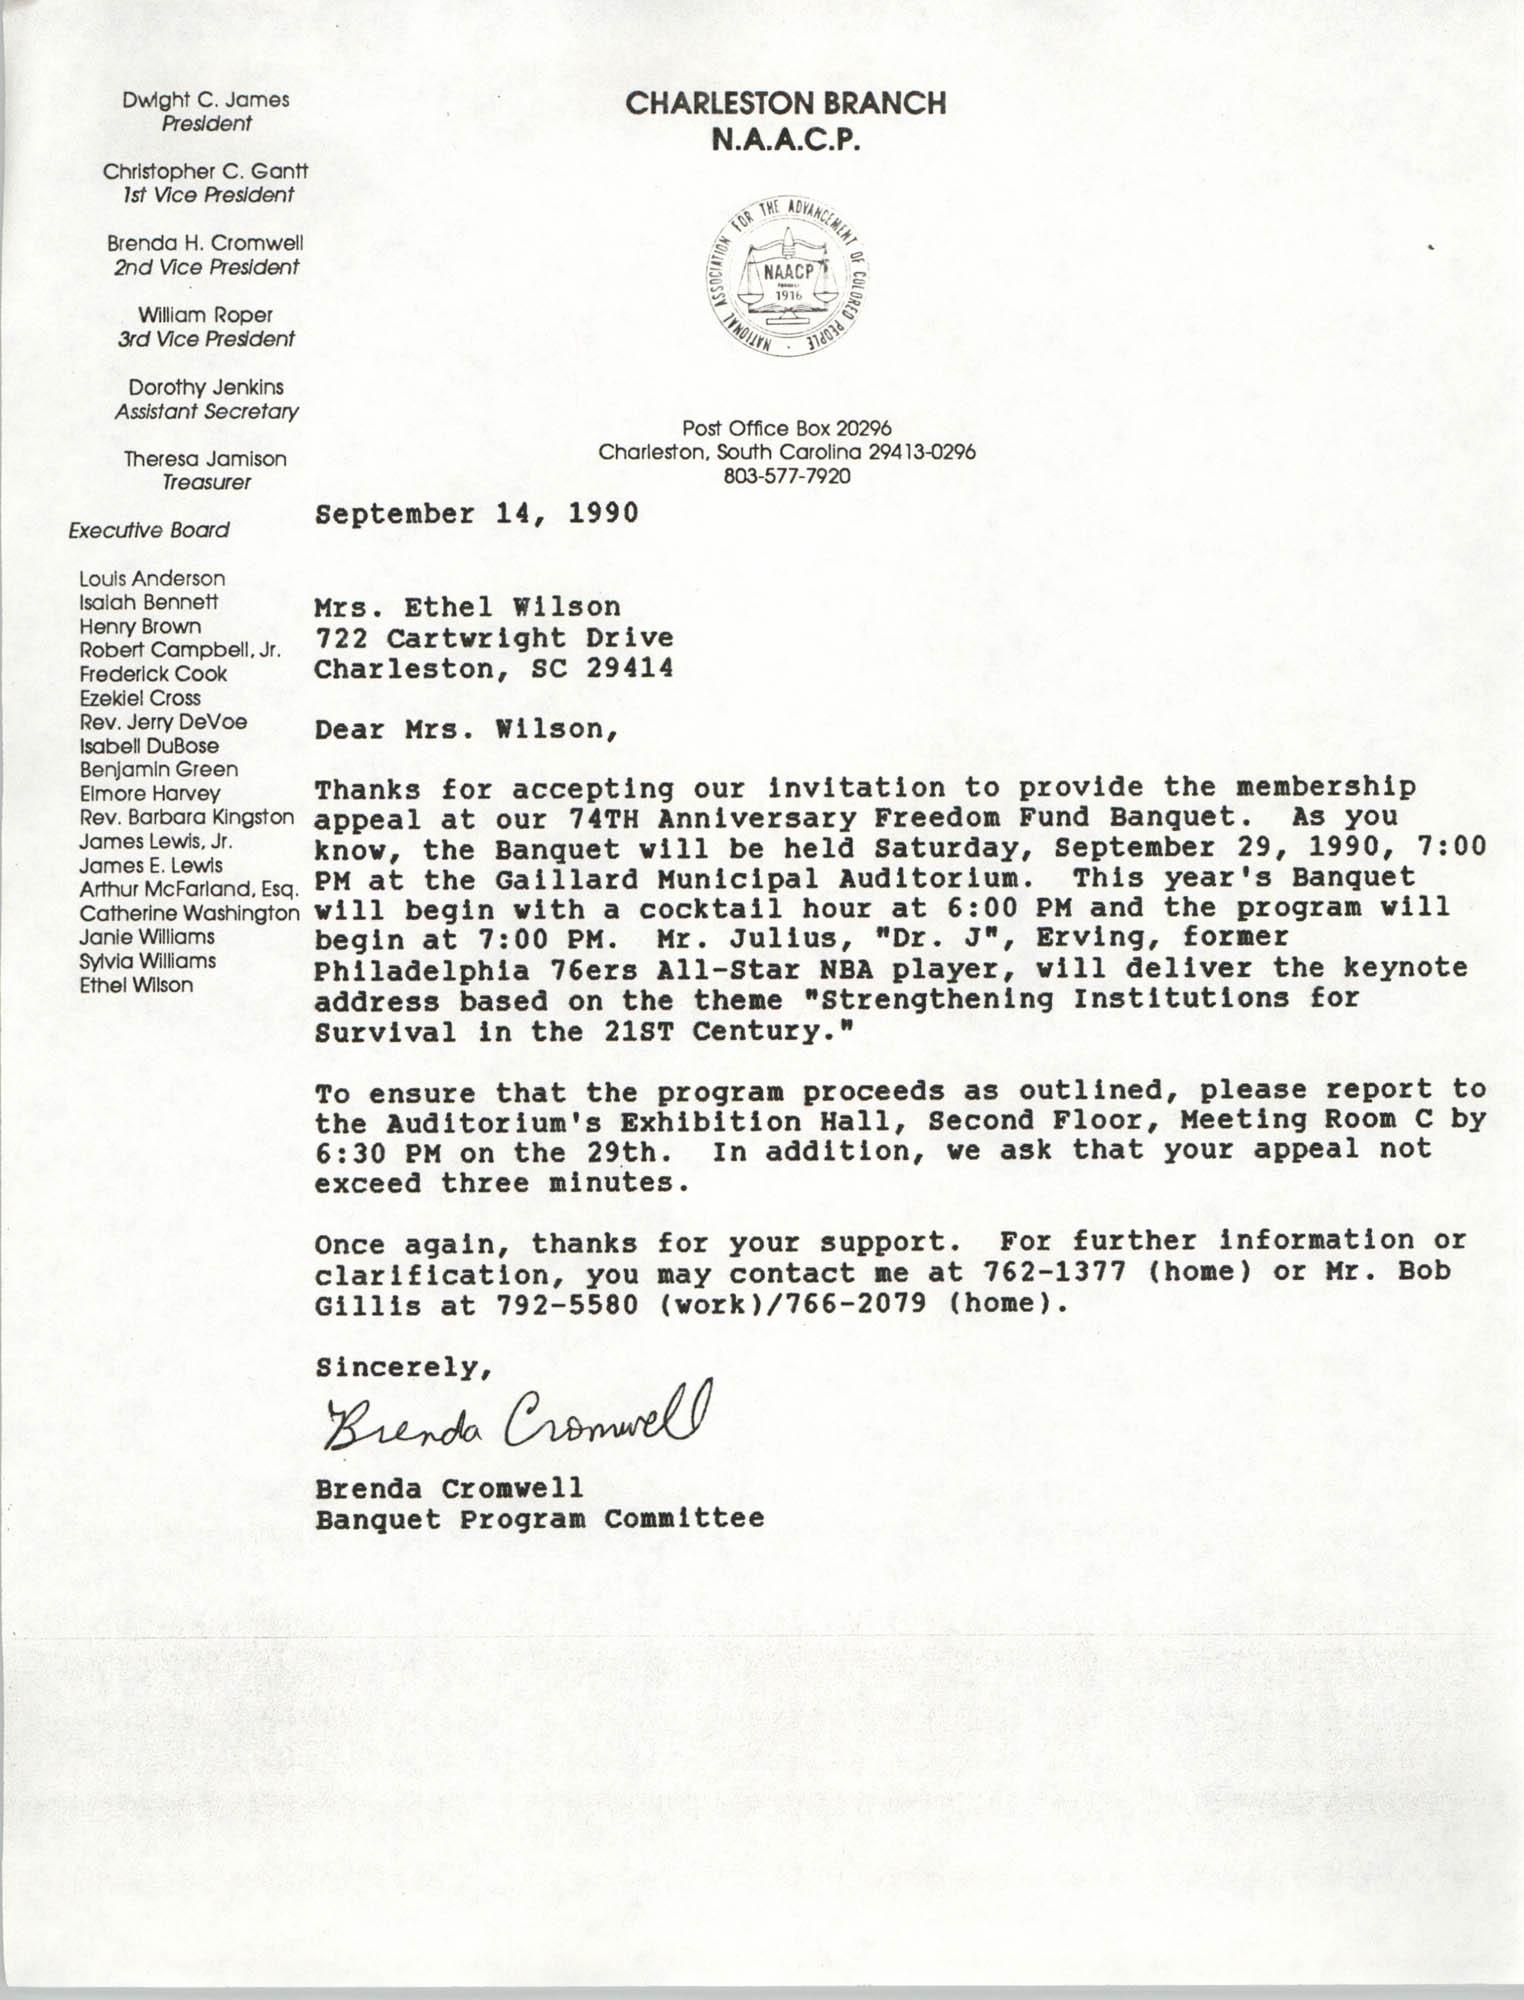 Letter from Brenda Cromwell to Ethel Wilson, September 14, 1990